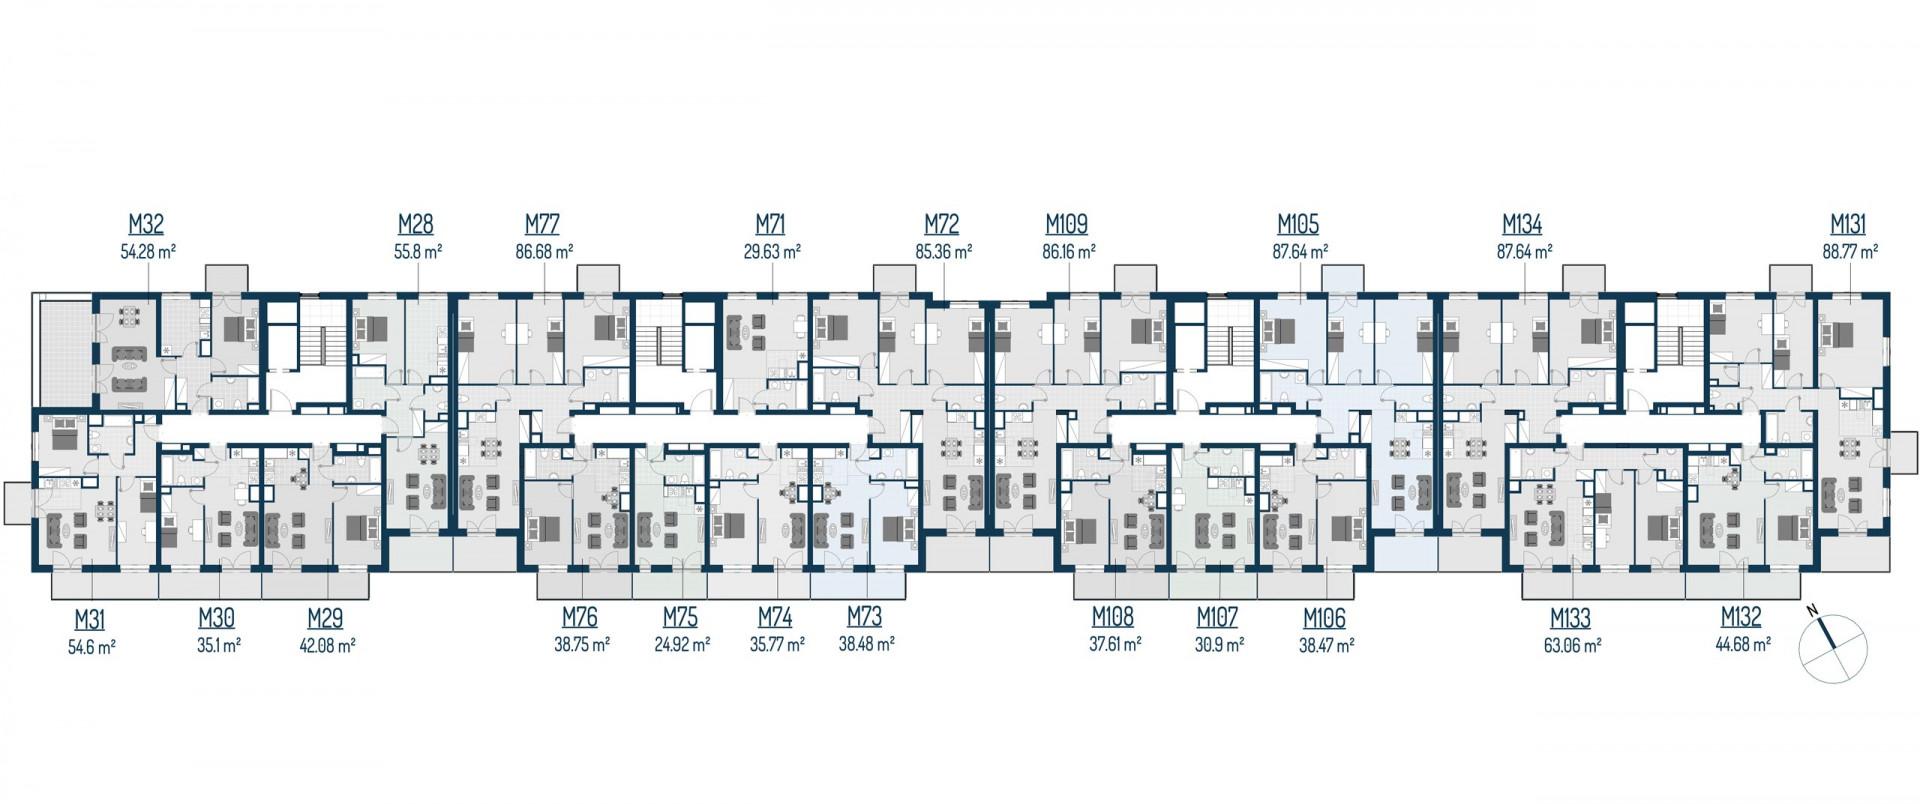 Zdrowe Stylove / budynek 2 / mieszkanie nr 132 rzut 2